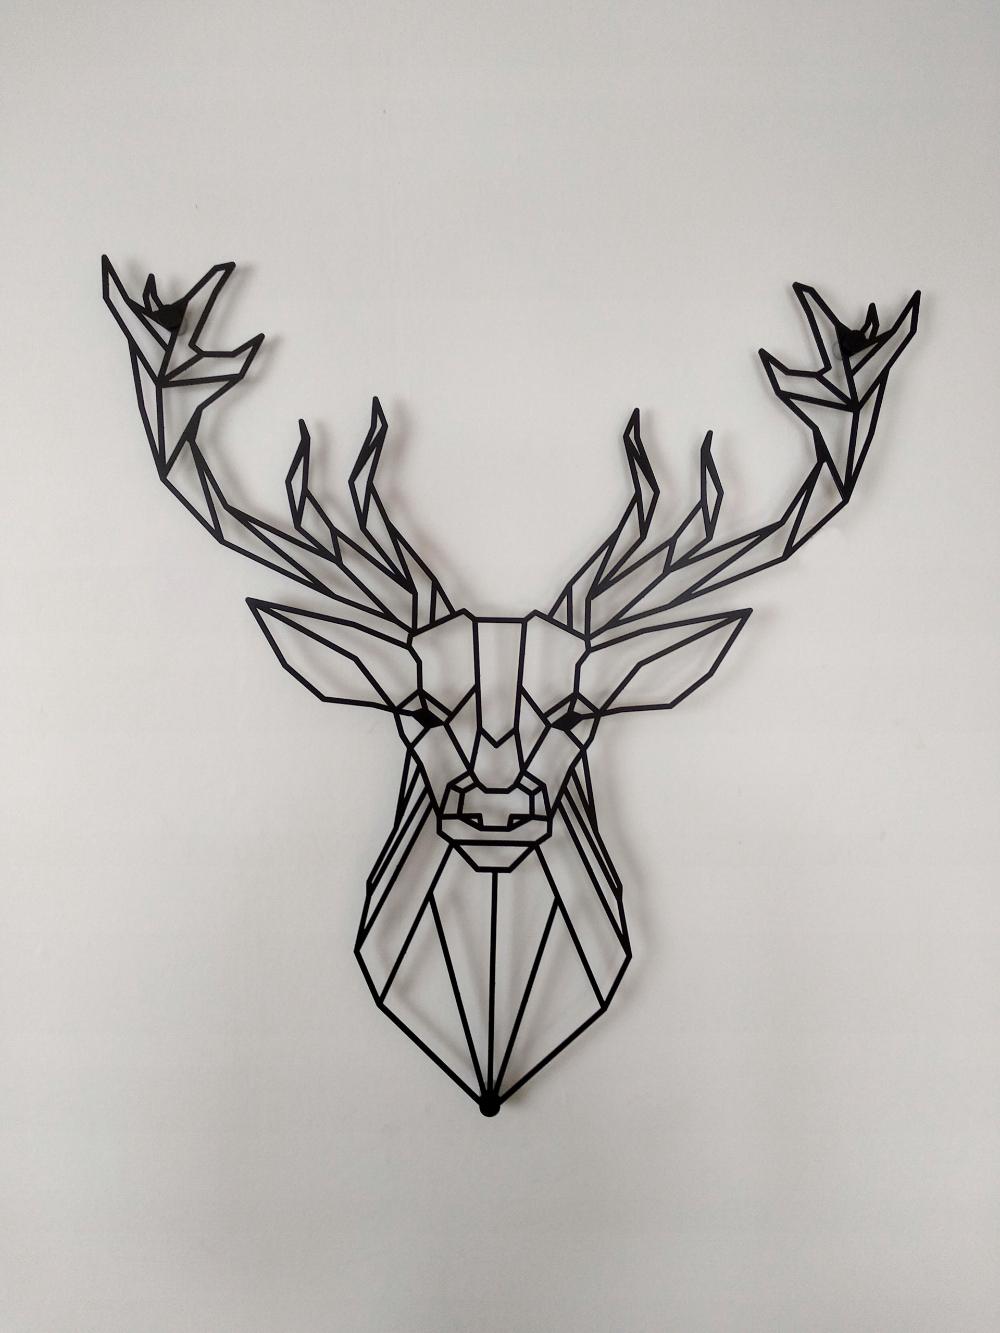 Jelen Geometryczny Metal Styl Skandynawski 50x47cm In 2020 Geometric Tattoo Nature Tattoos Geometric